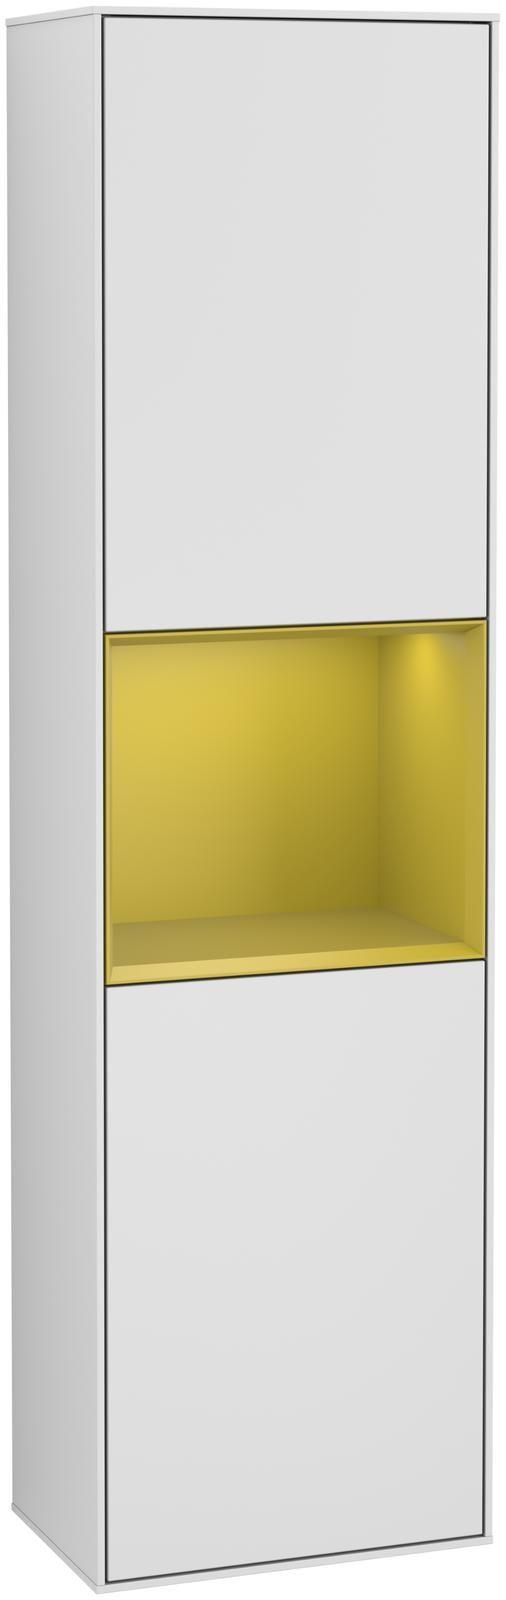 Villeroy & Boch Finion F46 Hochschrank mit Regalelement 2 Türen Anschlag links LED-Beleuchtung B:41,8xH:151,6xT:27cm Front, Korpus: Weiß Matt Soft Grey, Regal: Sun F460HEMT